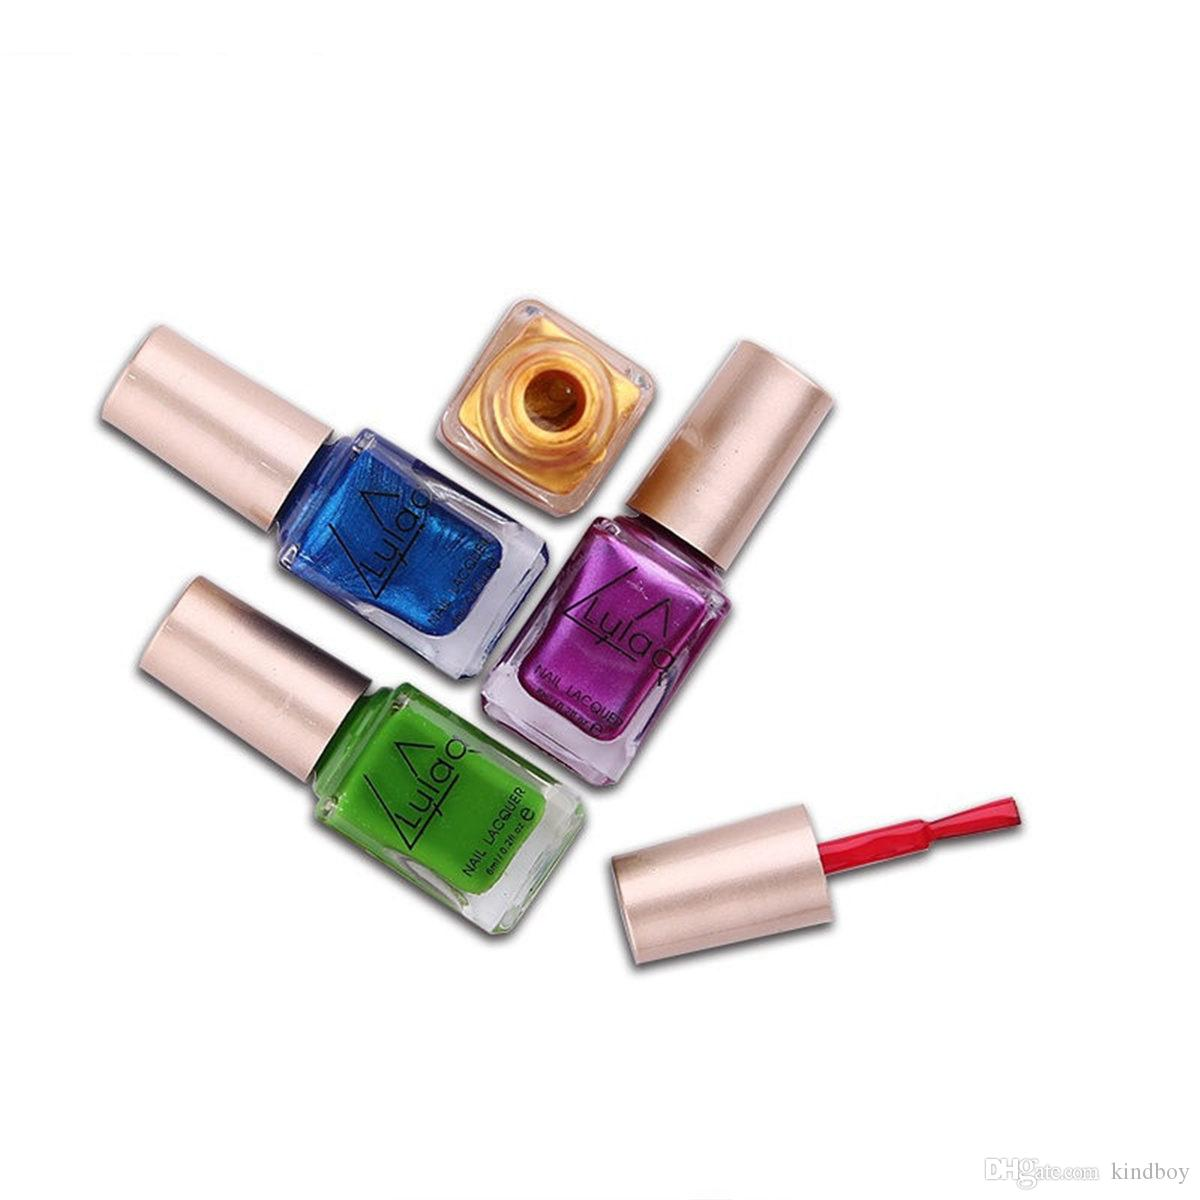 LULAA 12 Couleurs Métallique Vernis À Ongles Couleur Pure 6 ml Effet Miroir Brillant Métal Vernis Vernis à ongles vernis à ongles DHL